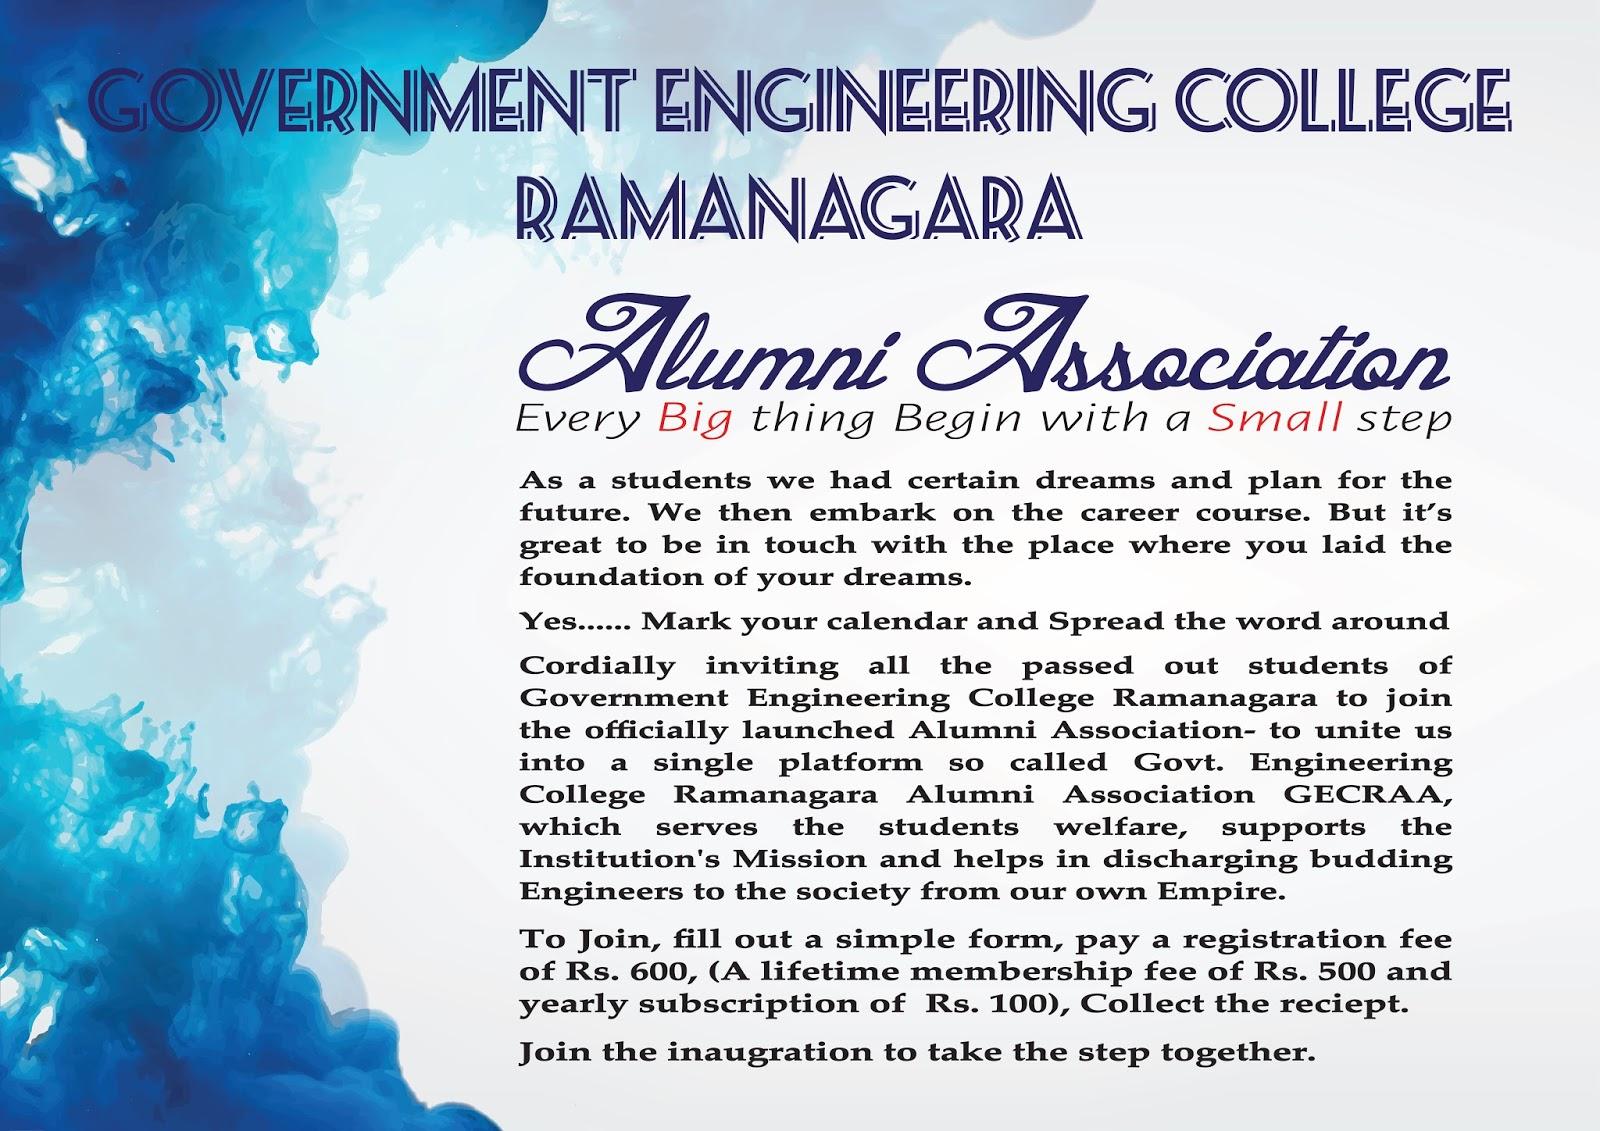 Alumni Association Registration